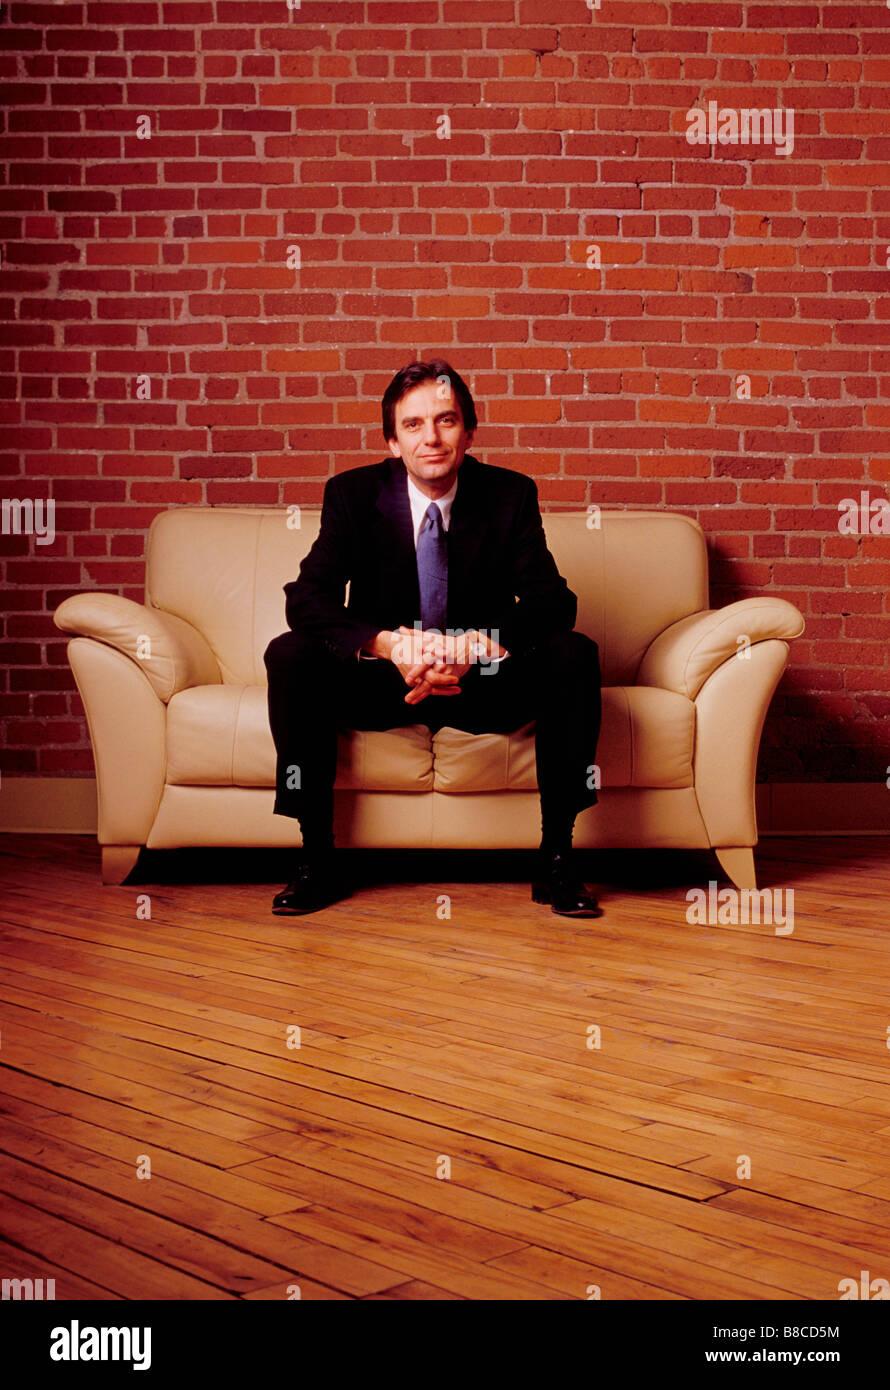 FL6218, mucca pazza Studio; imprenditore divano vuoto fice, nuovo concetto di Business Immagini Stock